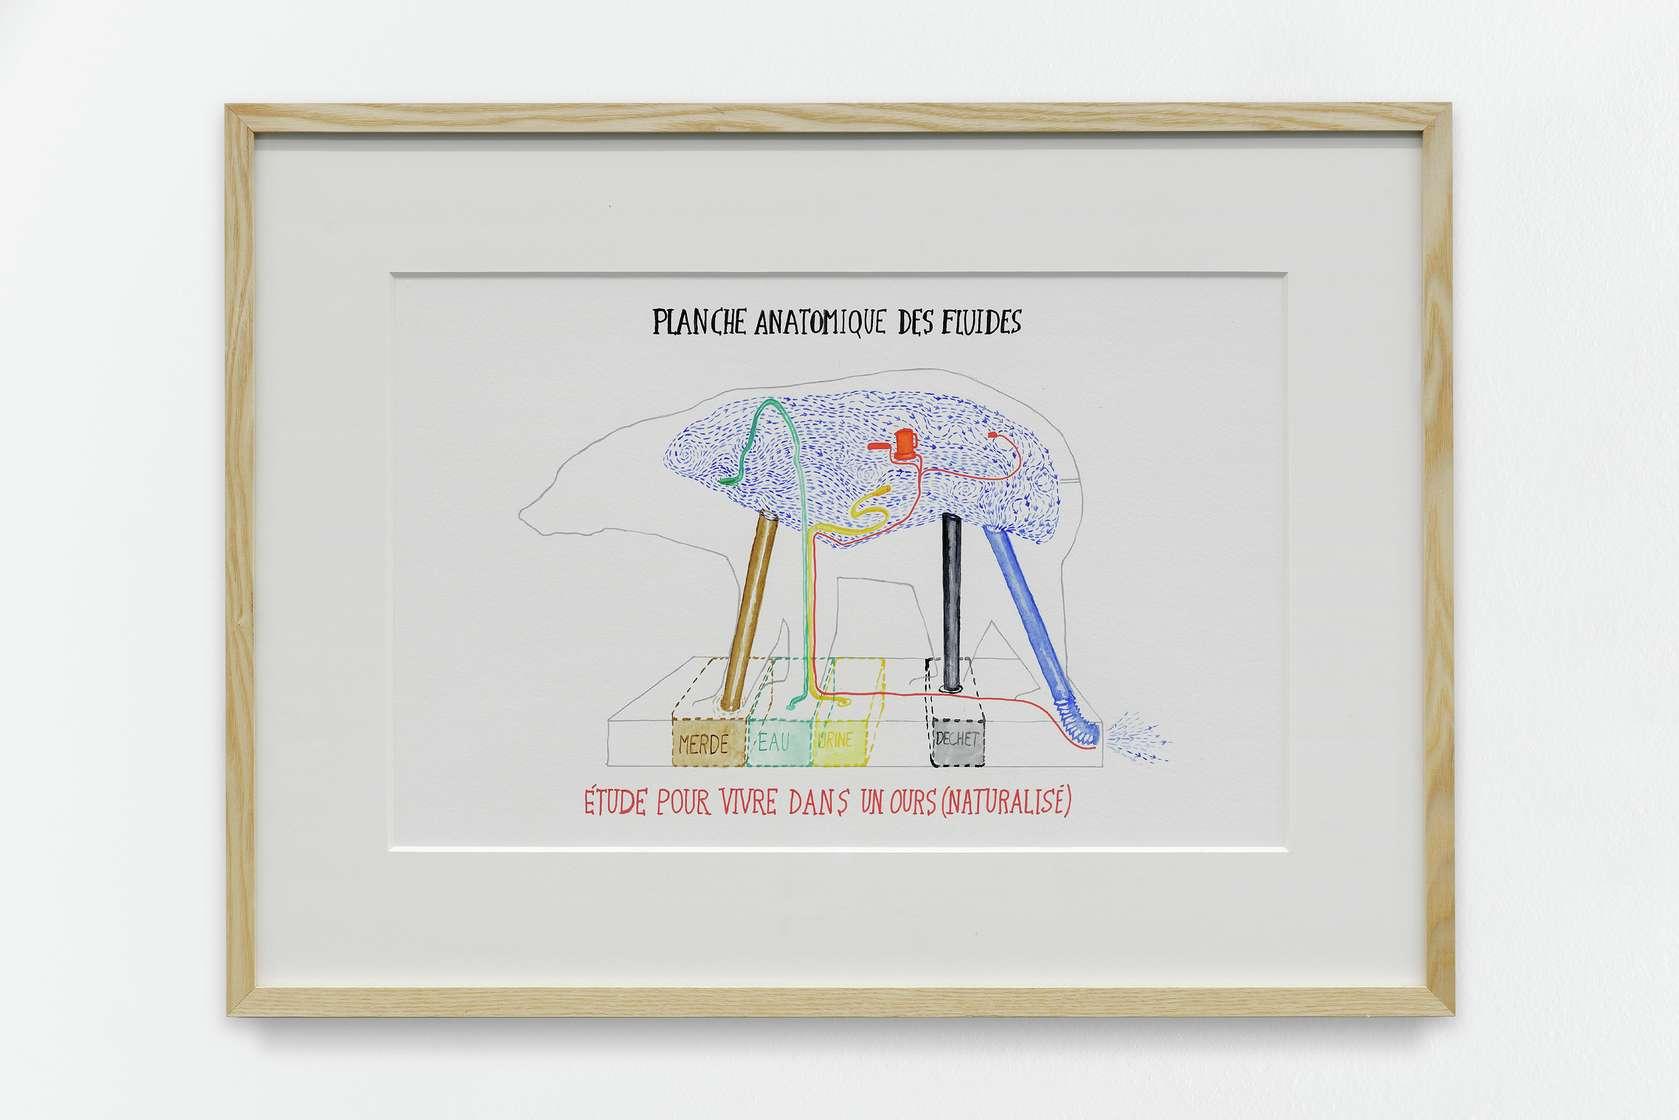 Abraham Poincheval, Étude pour vivre dans un ours (naturalisé), 2014 Crayon et aquarelle sur papier32 x 49 cm / 12 5/8 x 19 2/8 inches | 50 x 69 cm / 19 5/8 x 27 1/8 inches (encadré/framed)